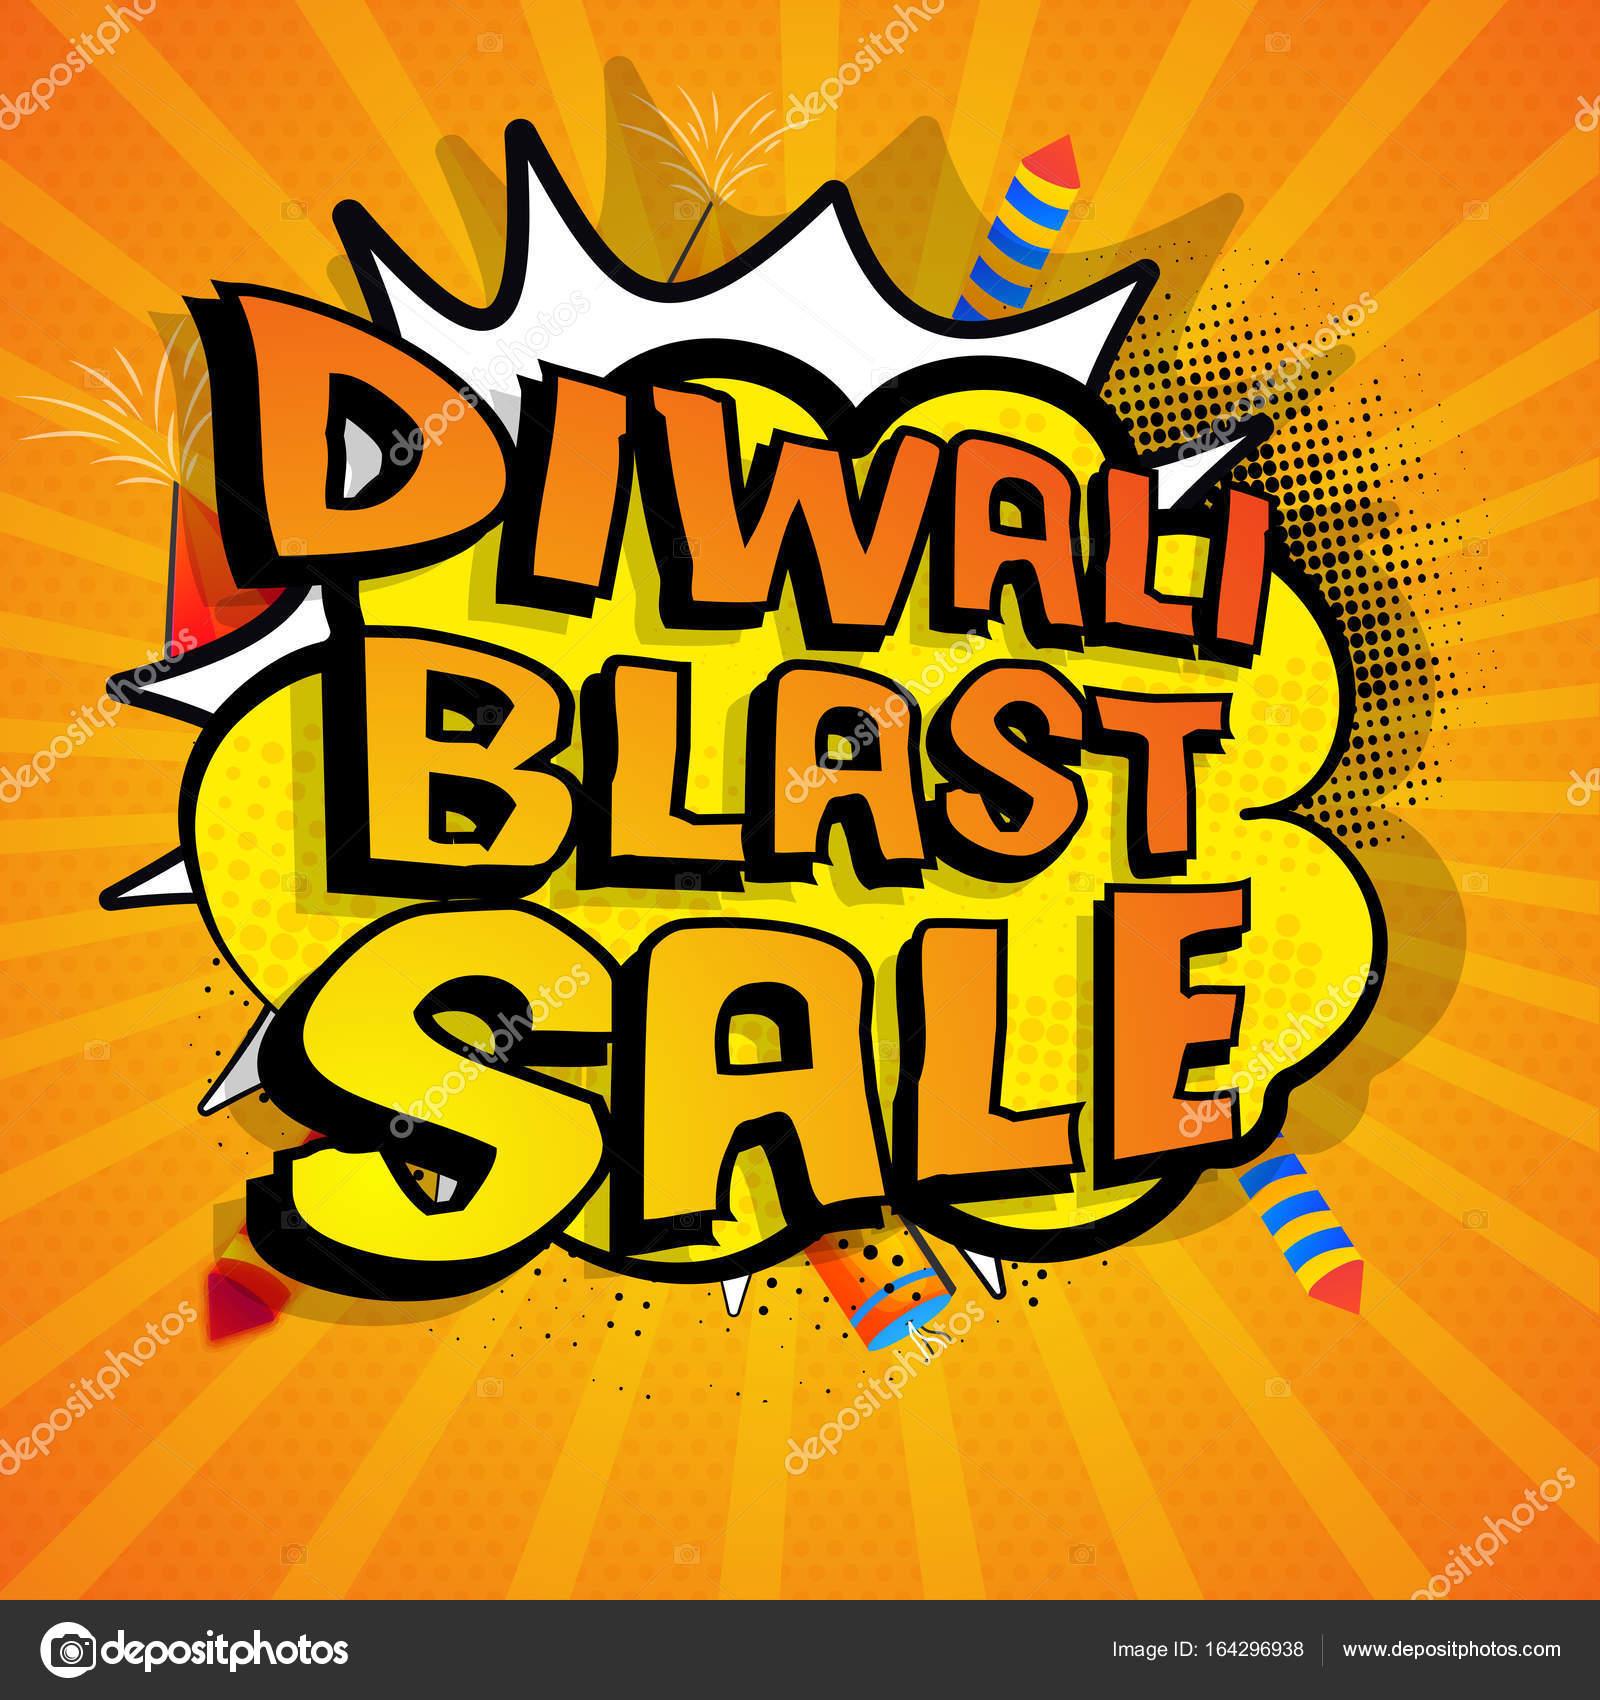 Diwali blast sale banner design, popart style  — Stock